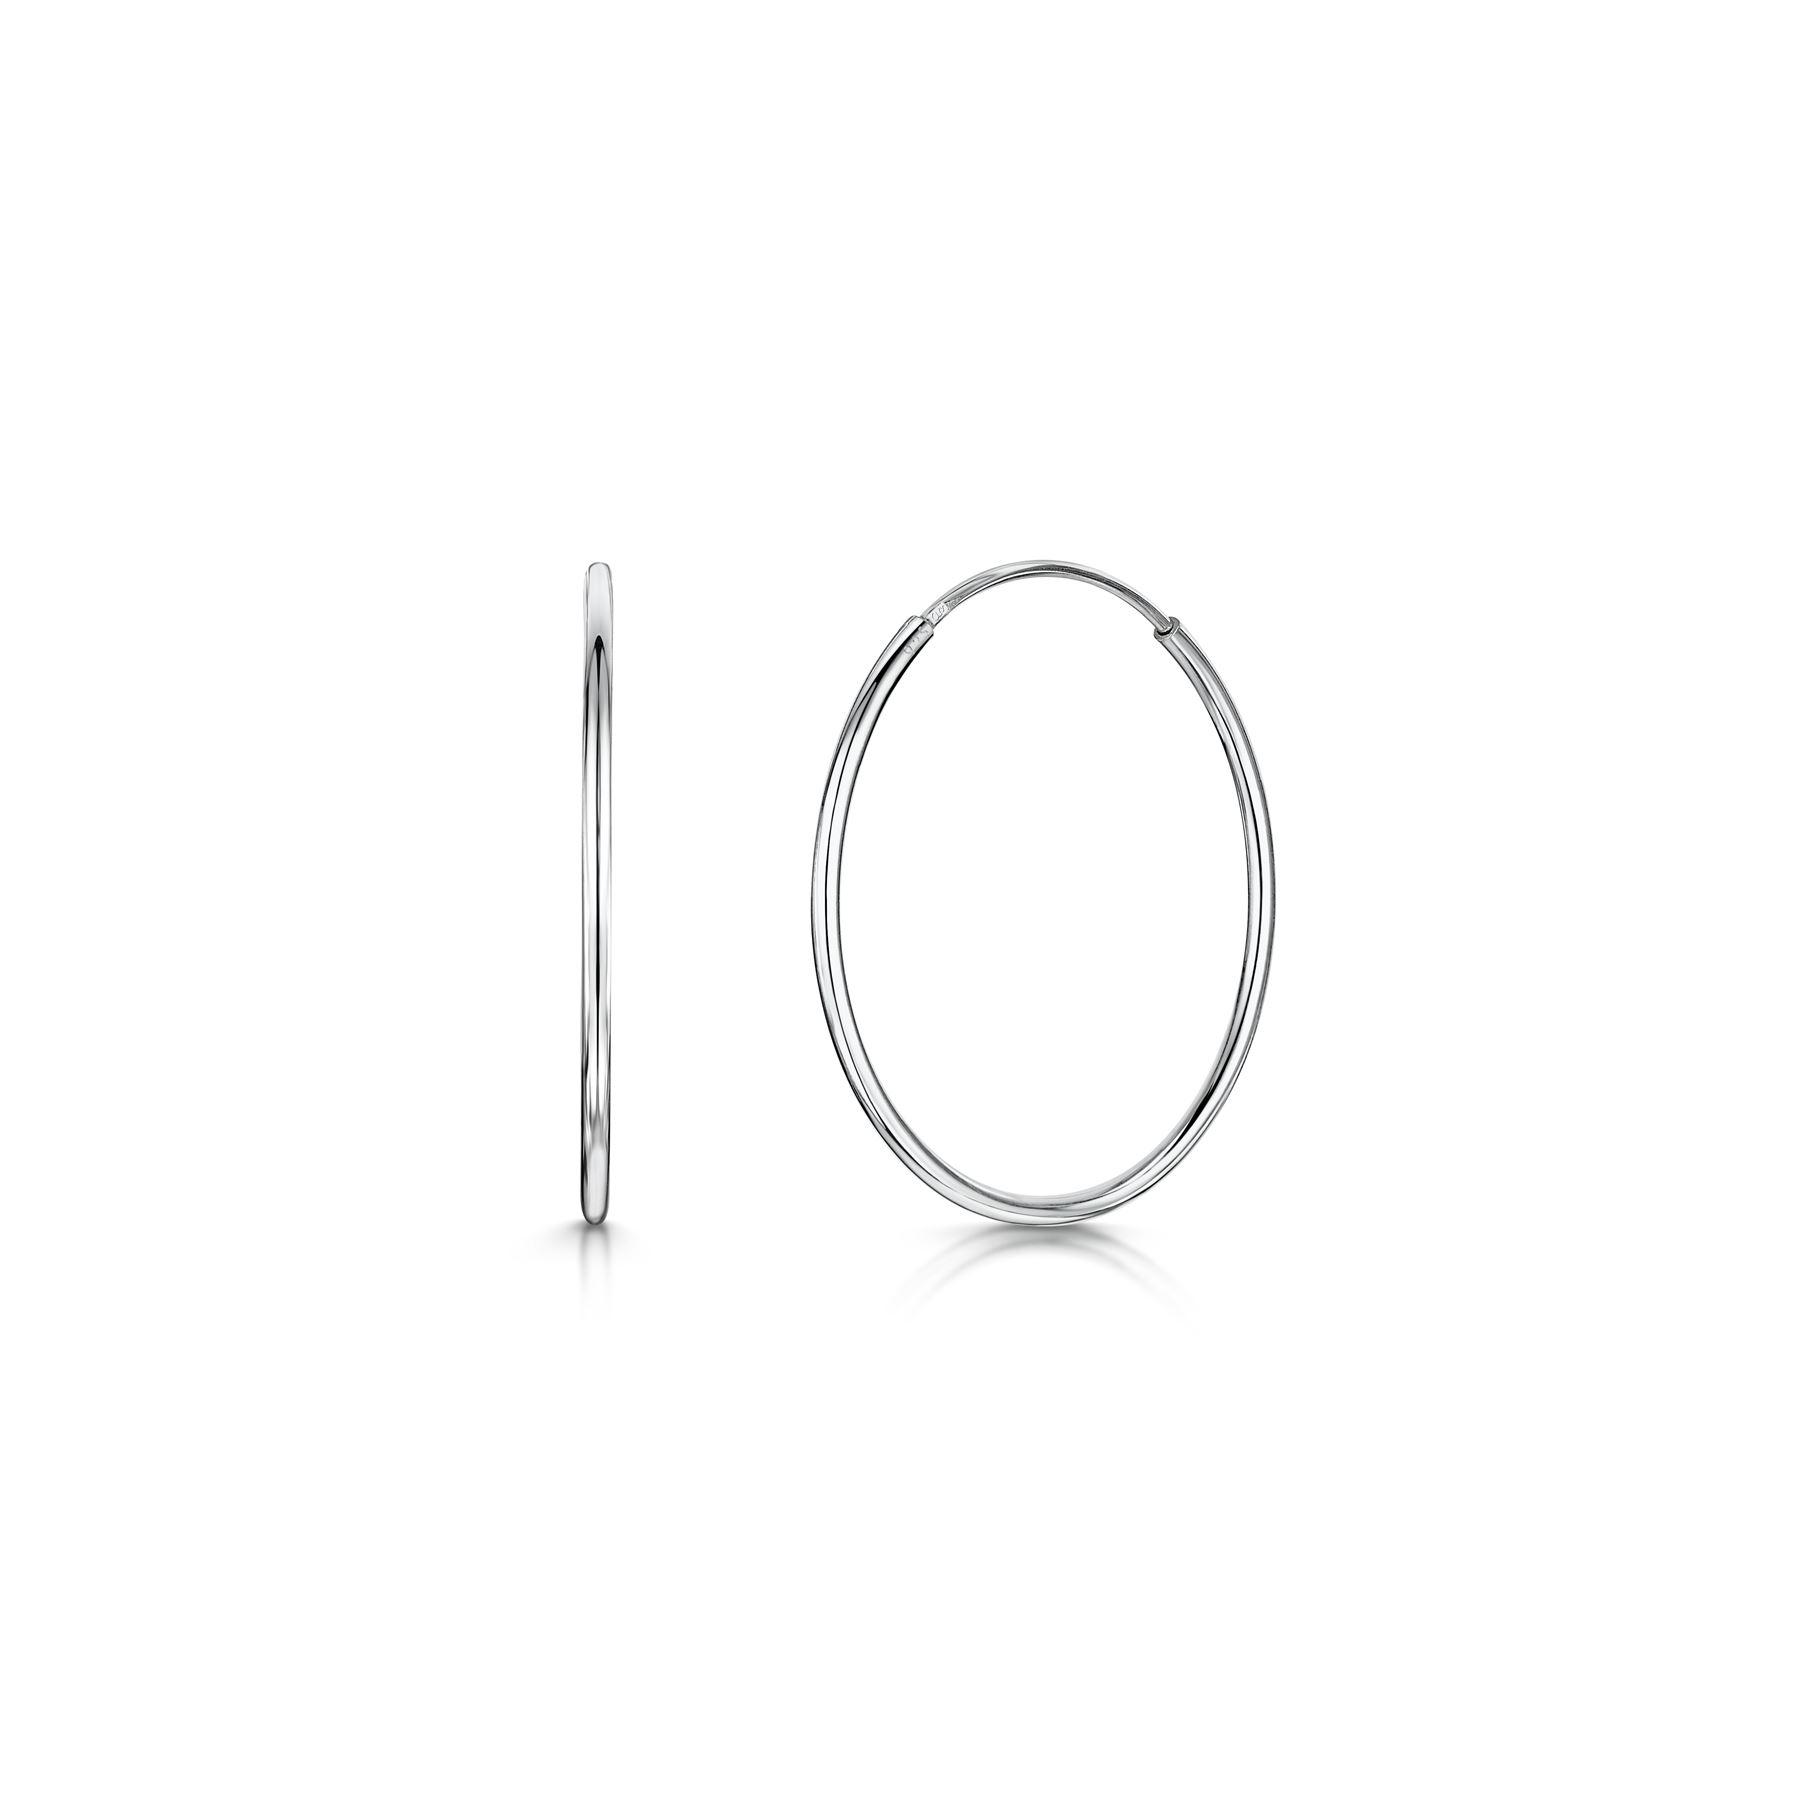 Amberta-Pendientes-para-Mujer-Aros-en-Plata-De-Ley-925-Autentica-Estilo-Clasico miniatura 26